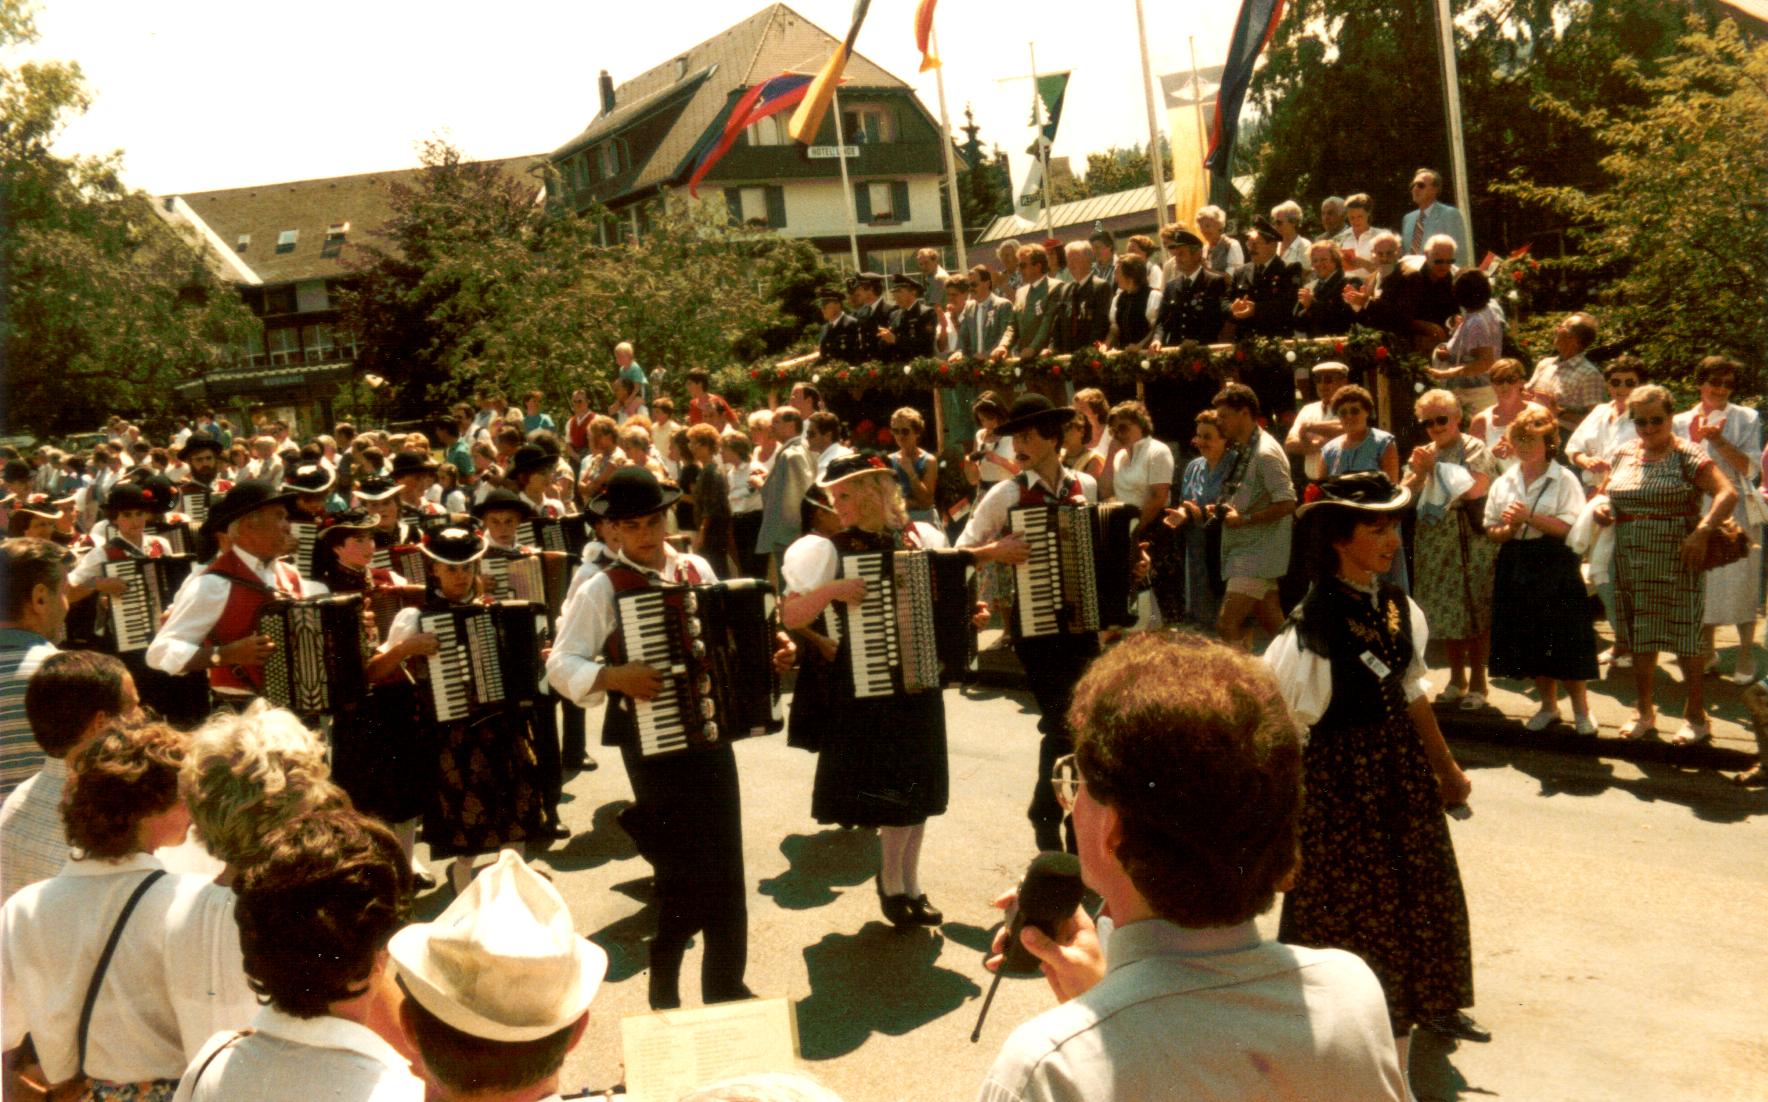 Festumzug  der freiwilligen Feuerwehr Hinterzarten - Juli 1986